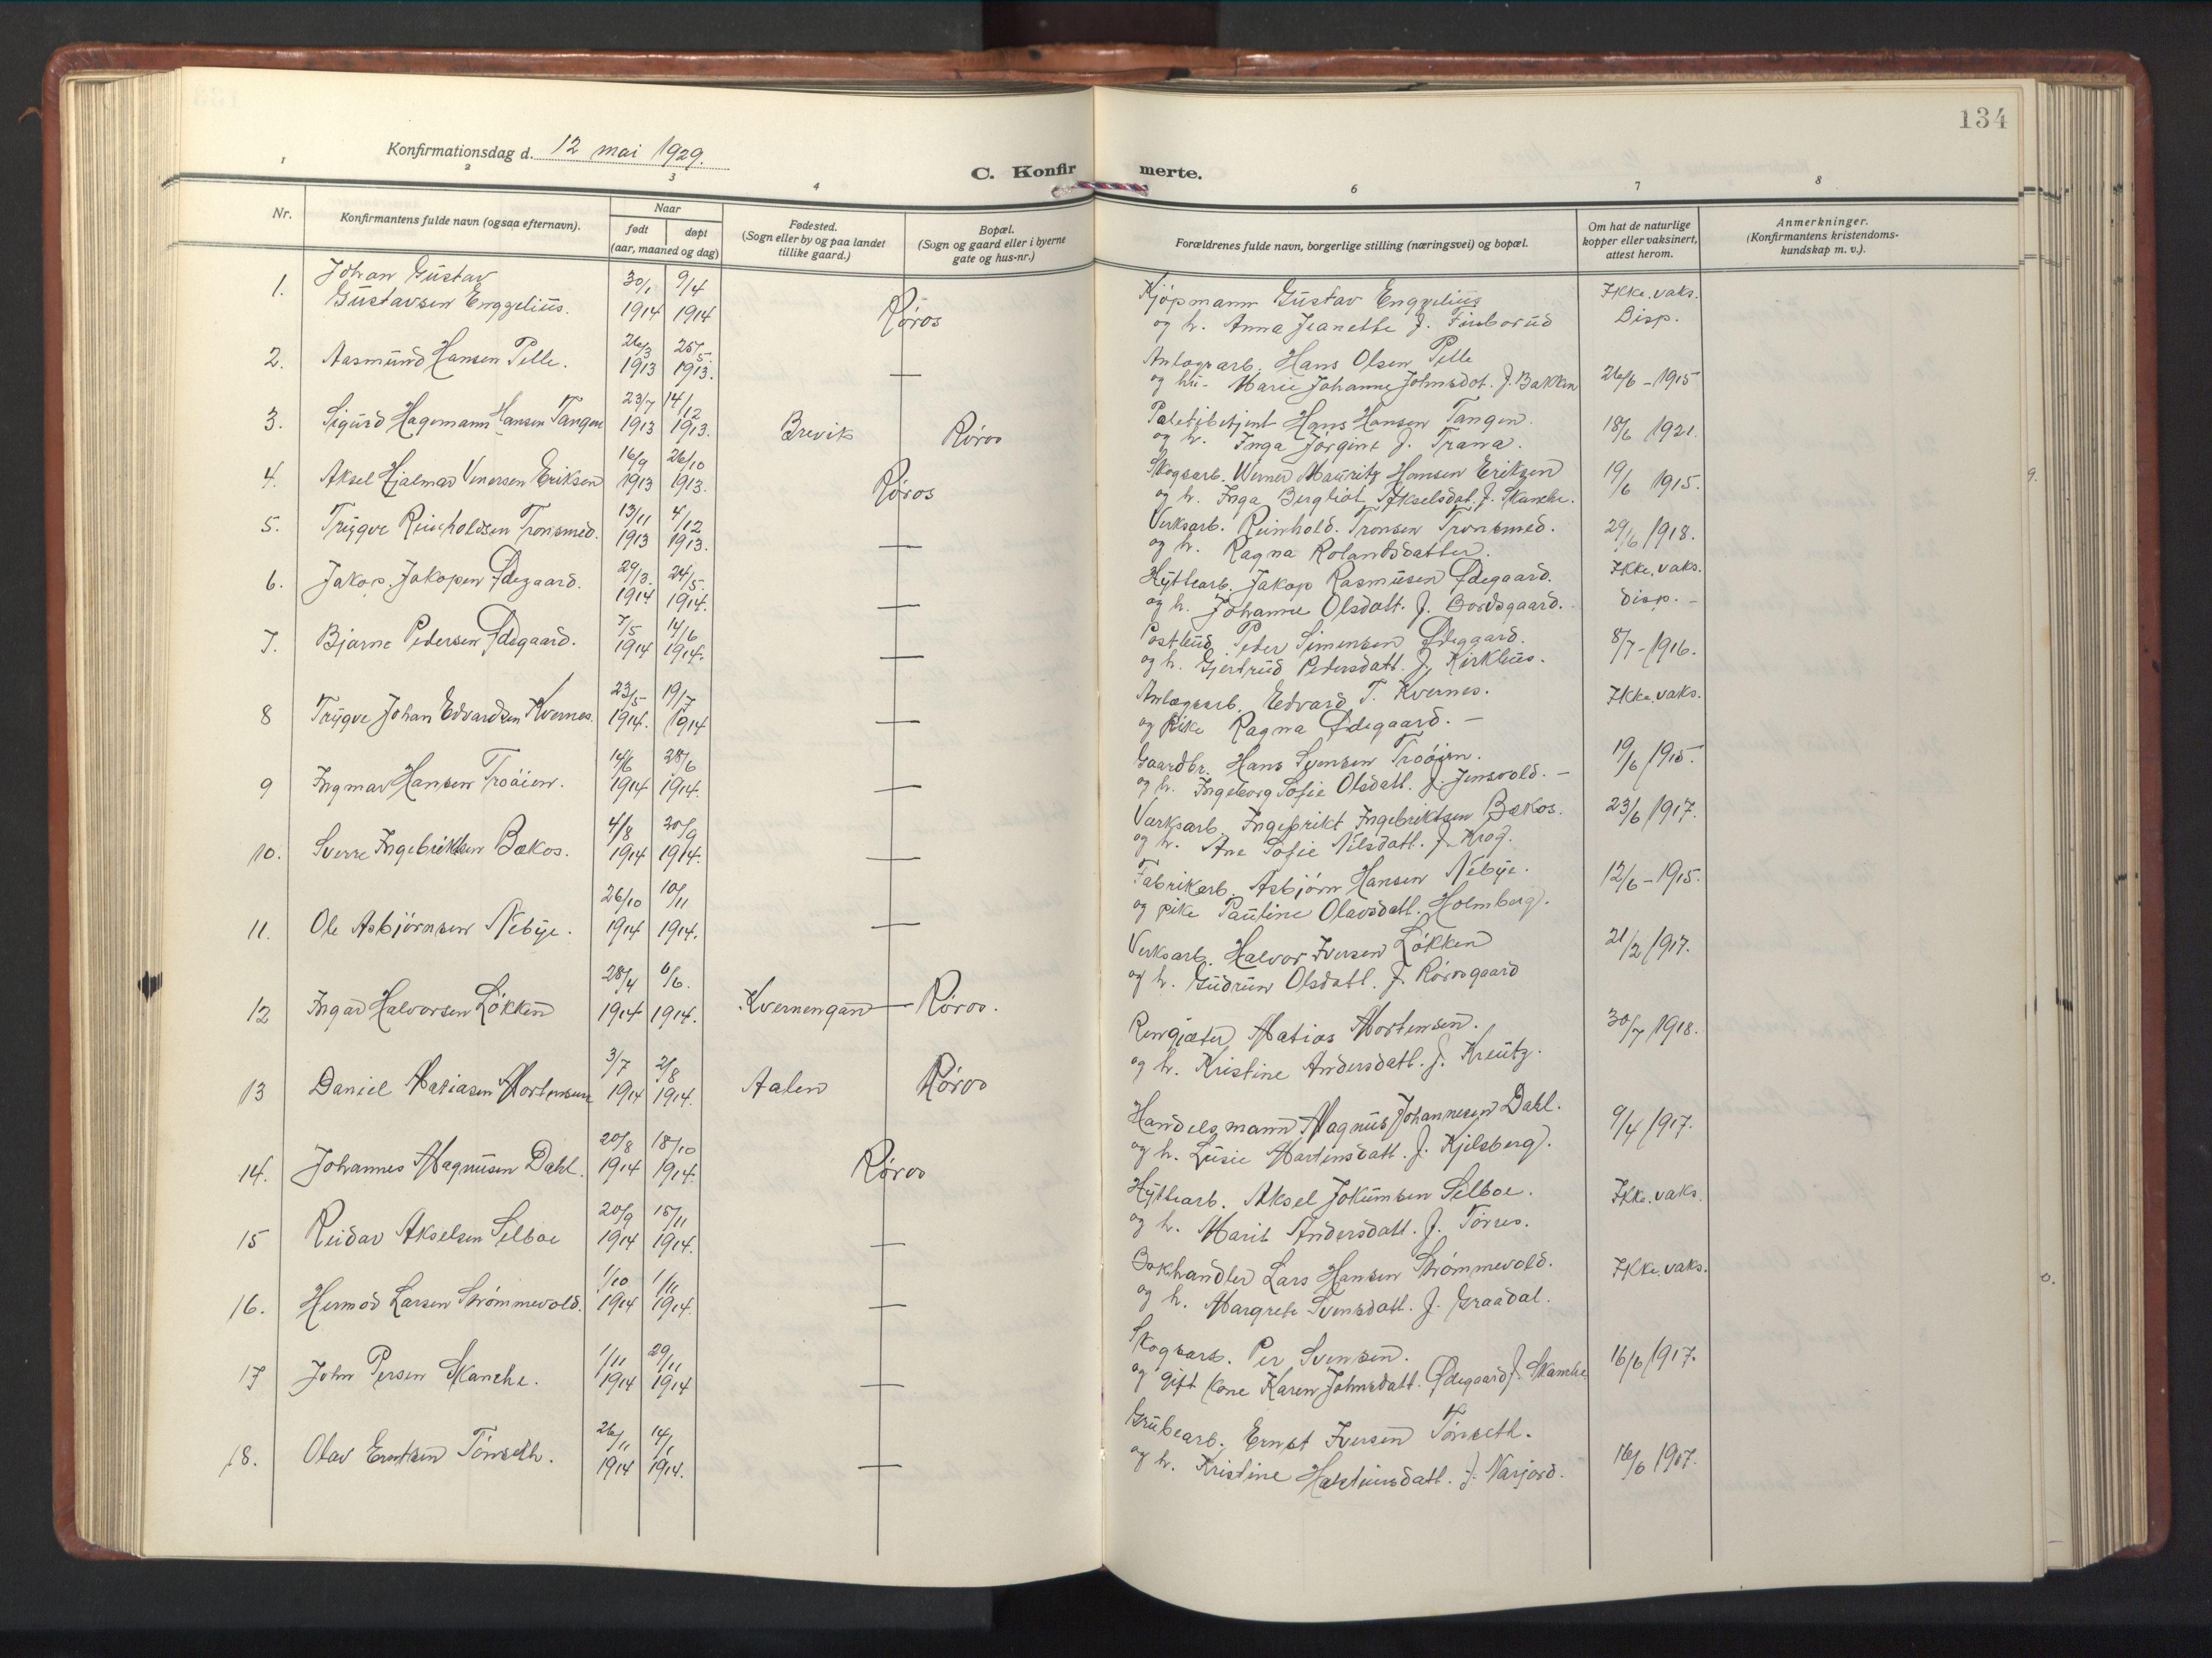 SAT, Ministerialprotokoller, klokkerbøker og fødselsregistre - Sør-Trøndelag, 681/L0943: Klokkerbok nr. 681C07, 1926-1954, s. 134